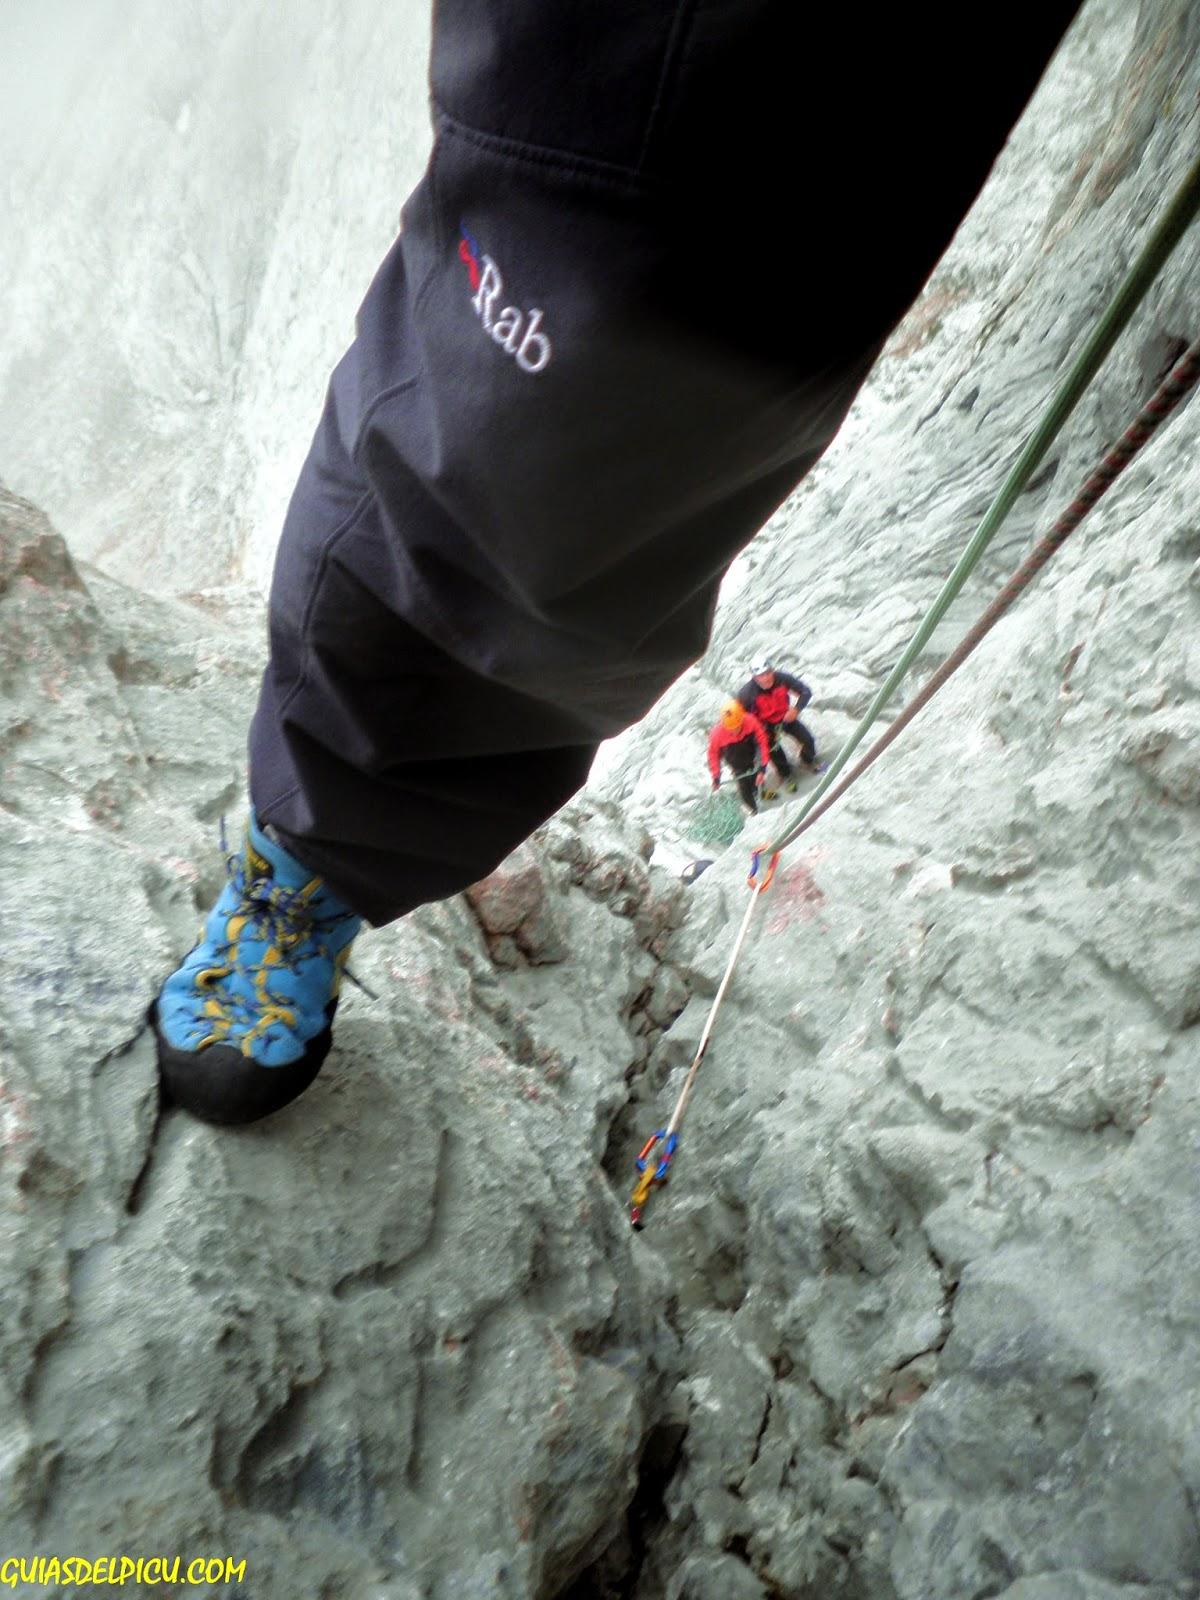 rab sawtooth pants , guiasdelpicu.com , escaladas al picu con guia de alta montaña